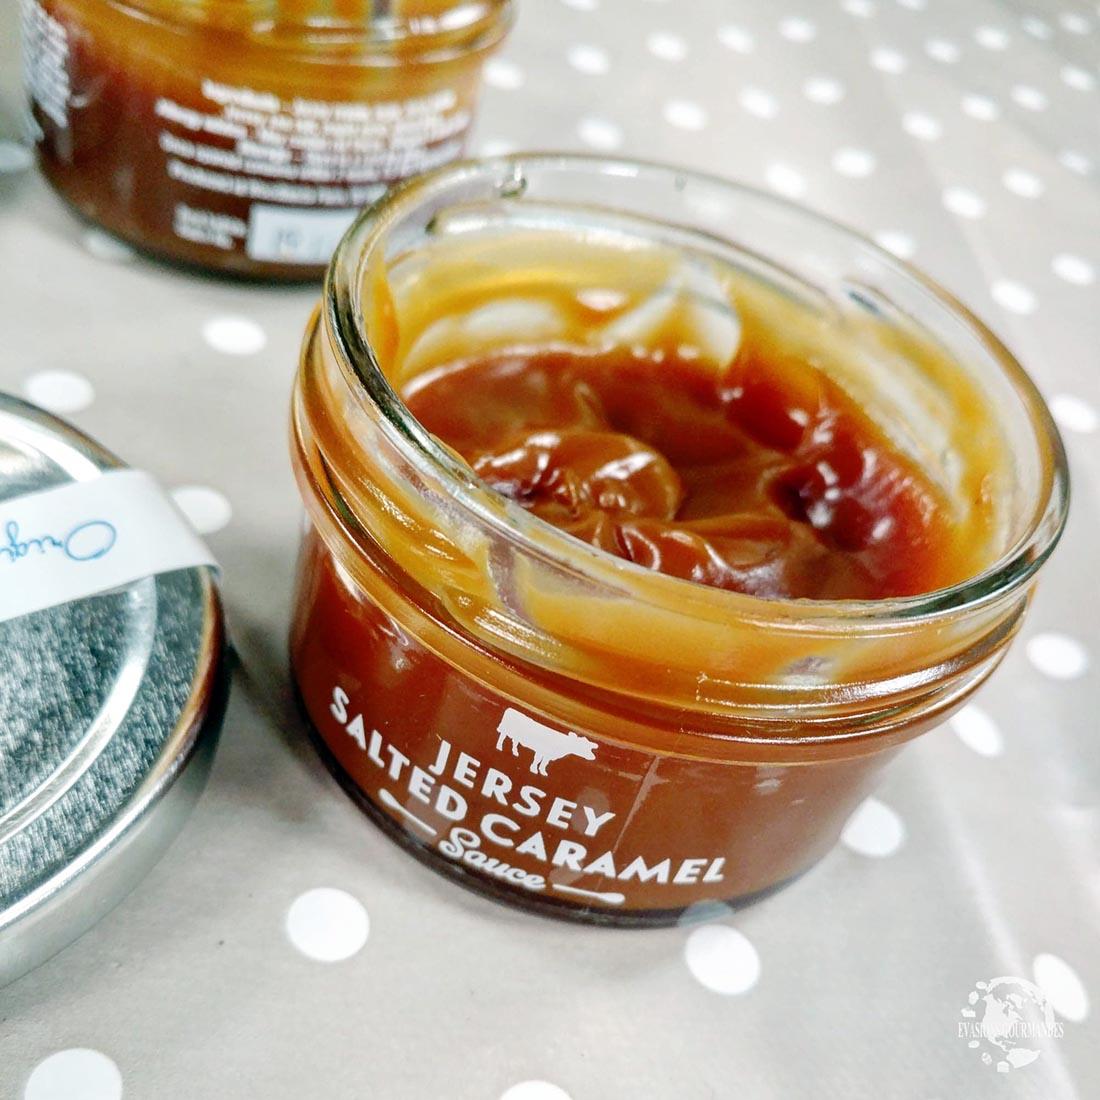 Salted caramel sauce Jersey